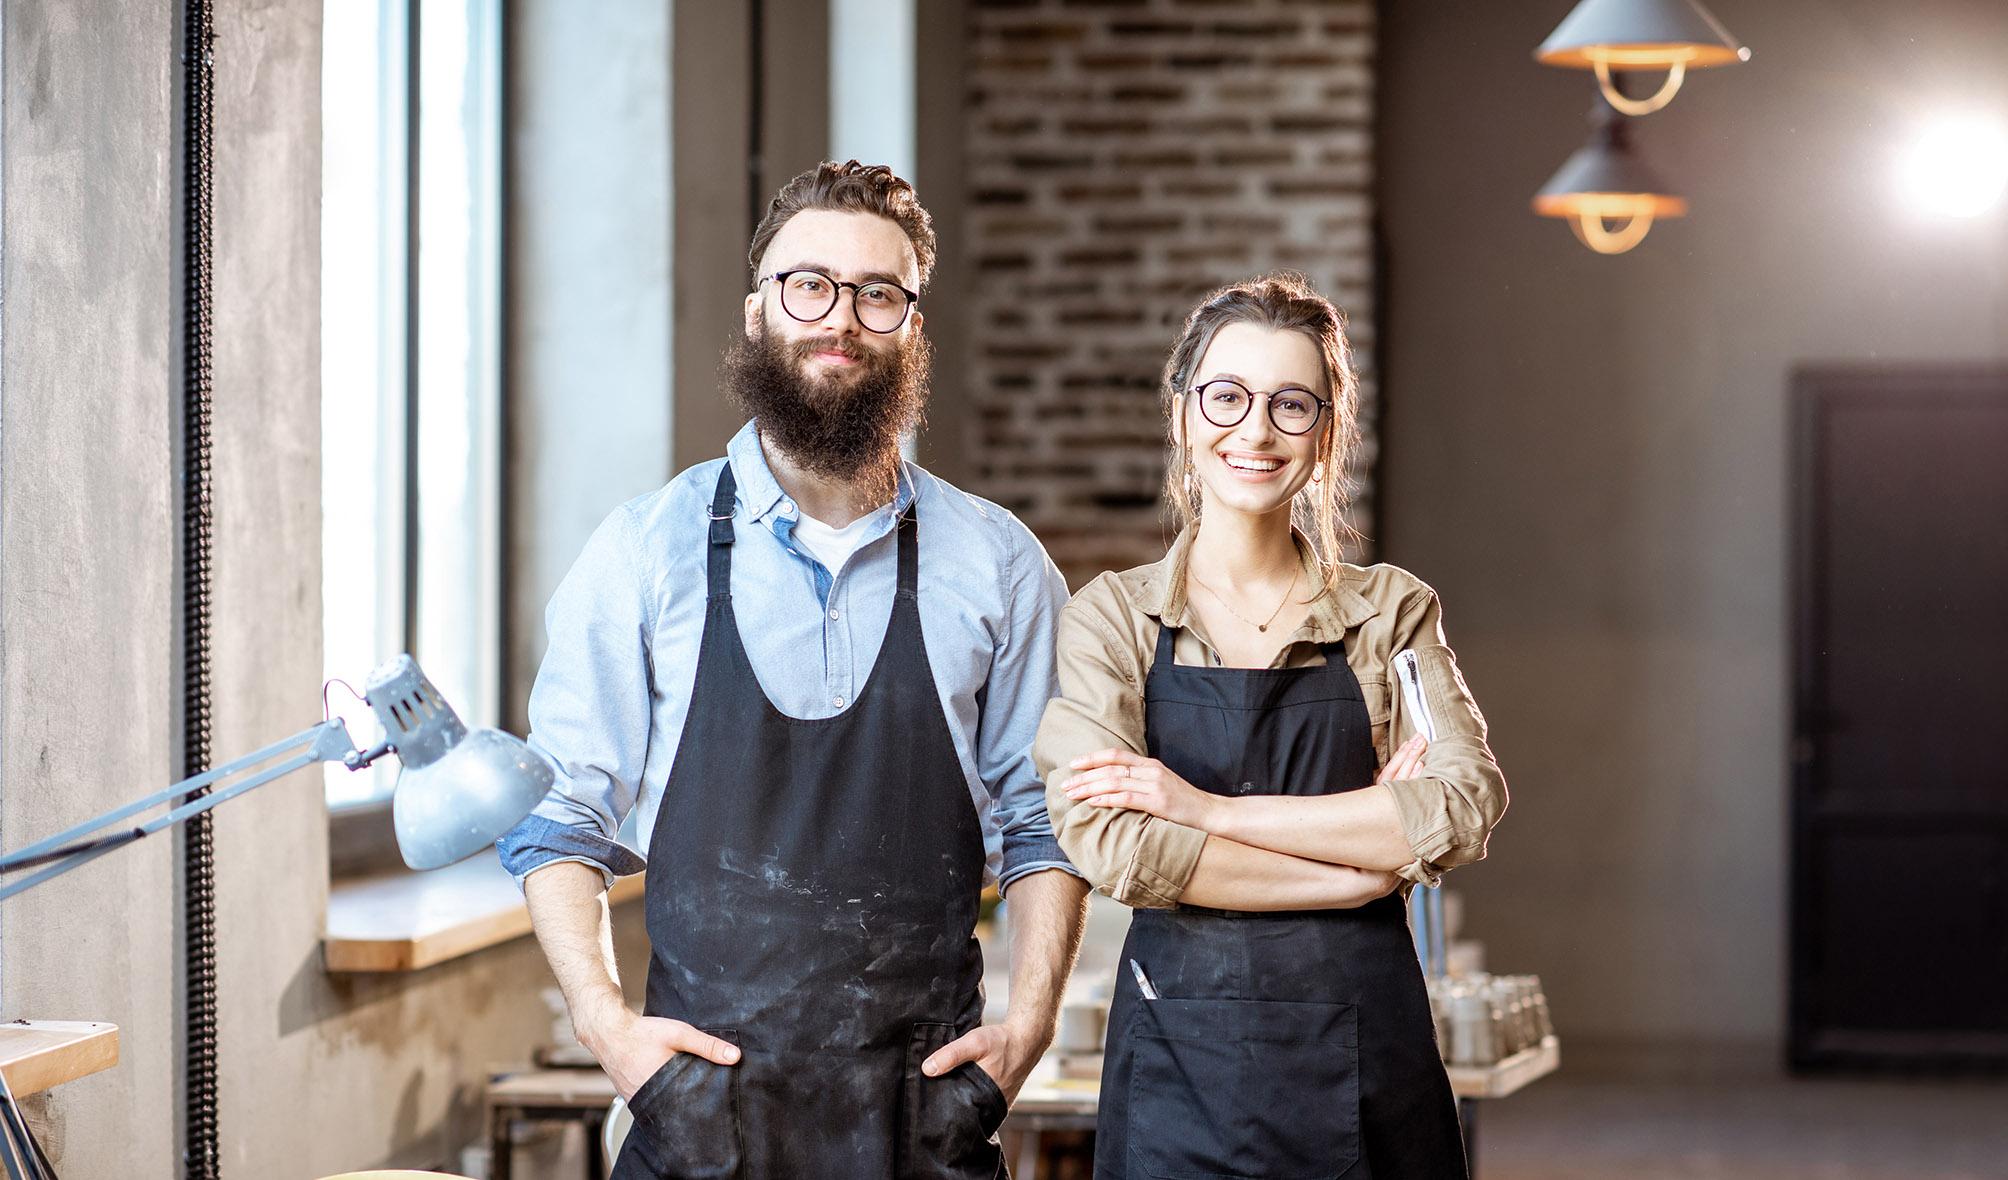 Zwei junge Menschen in einer Werkstatt